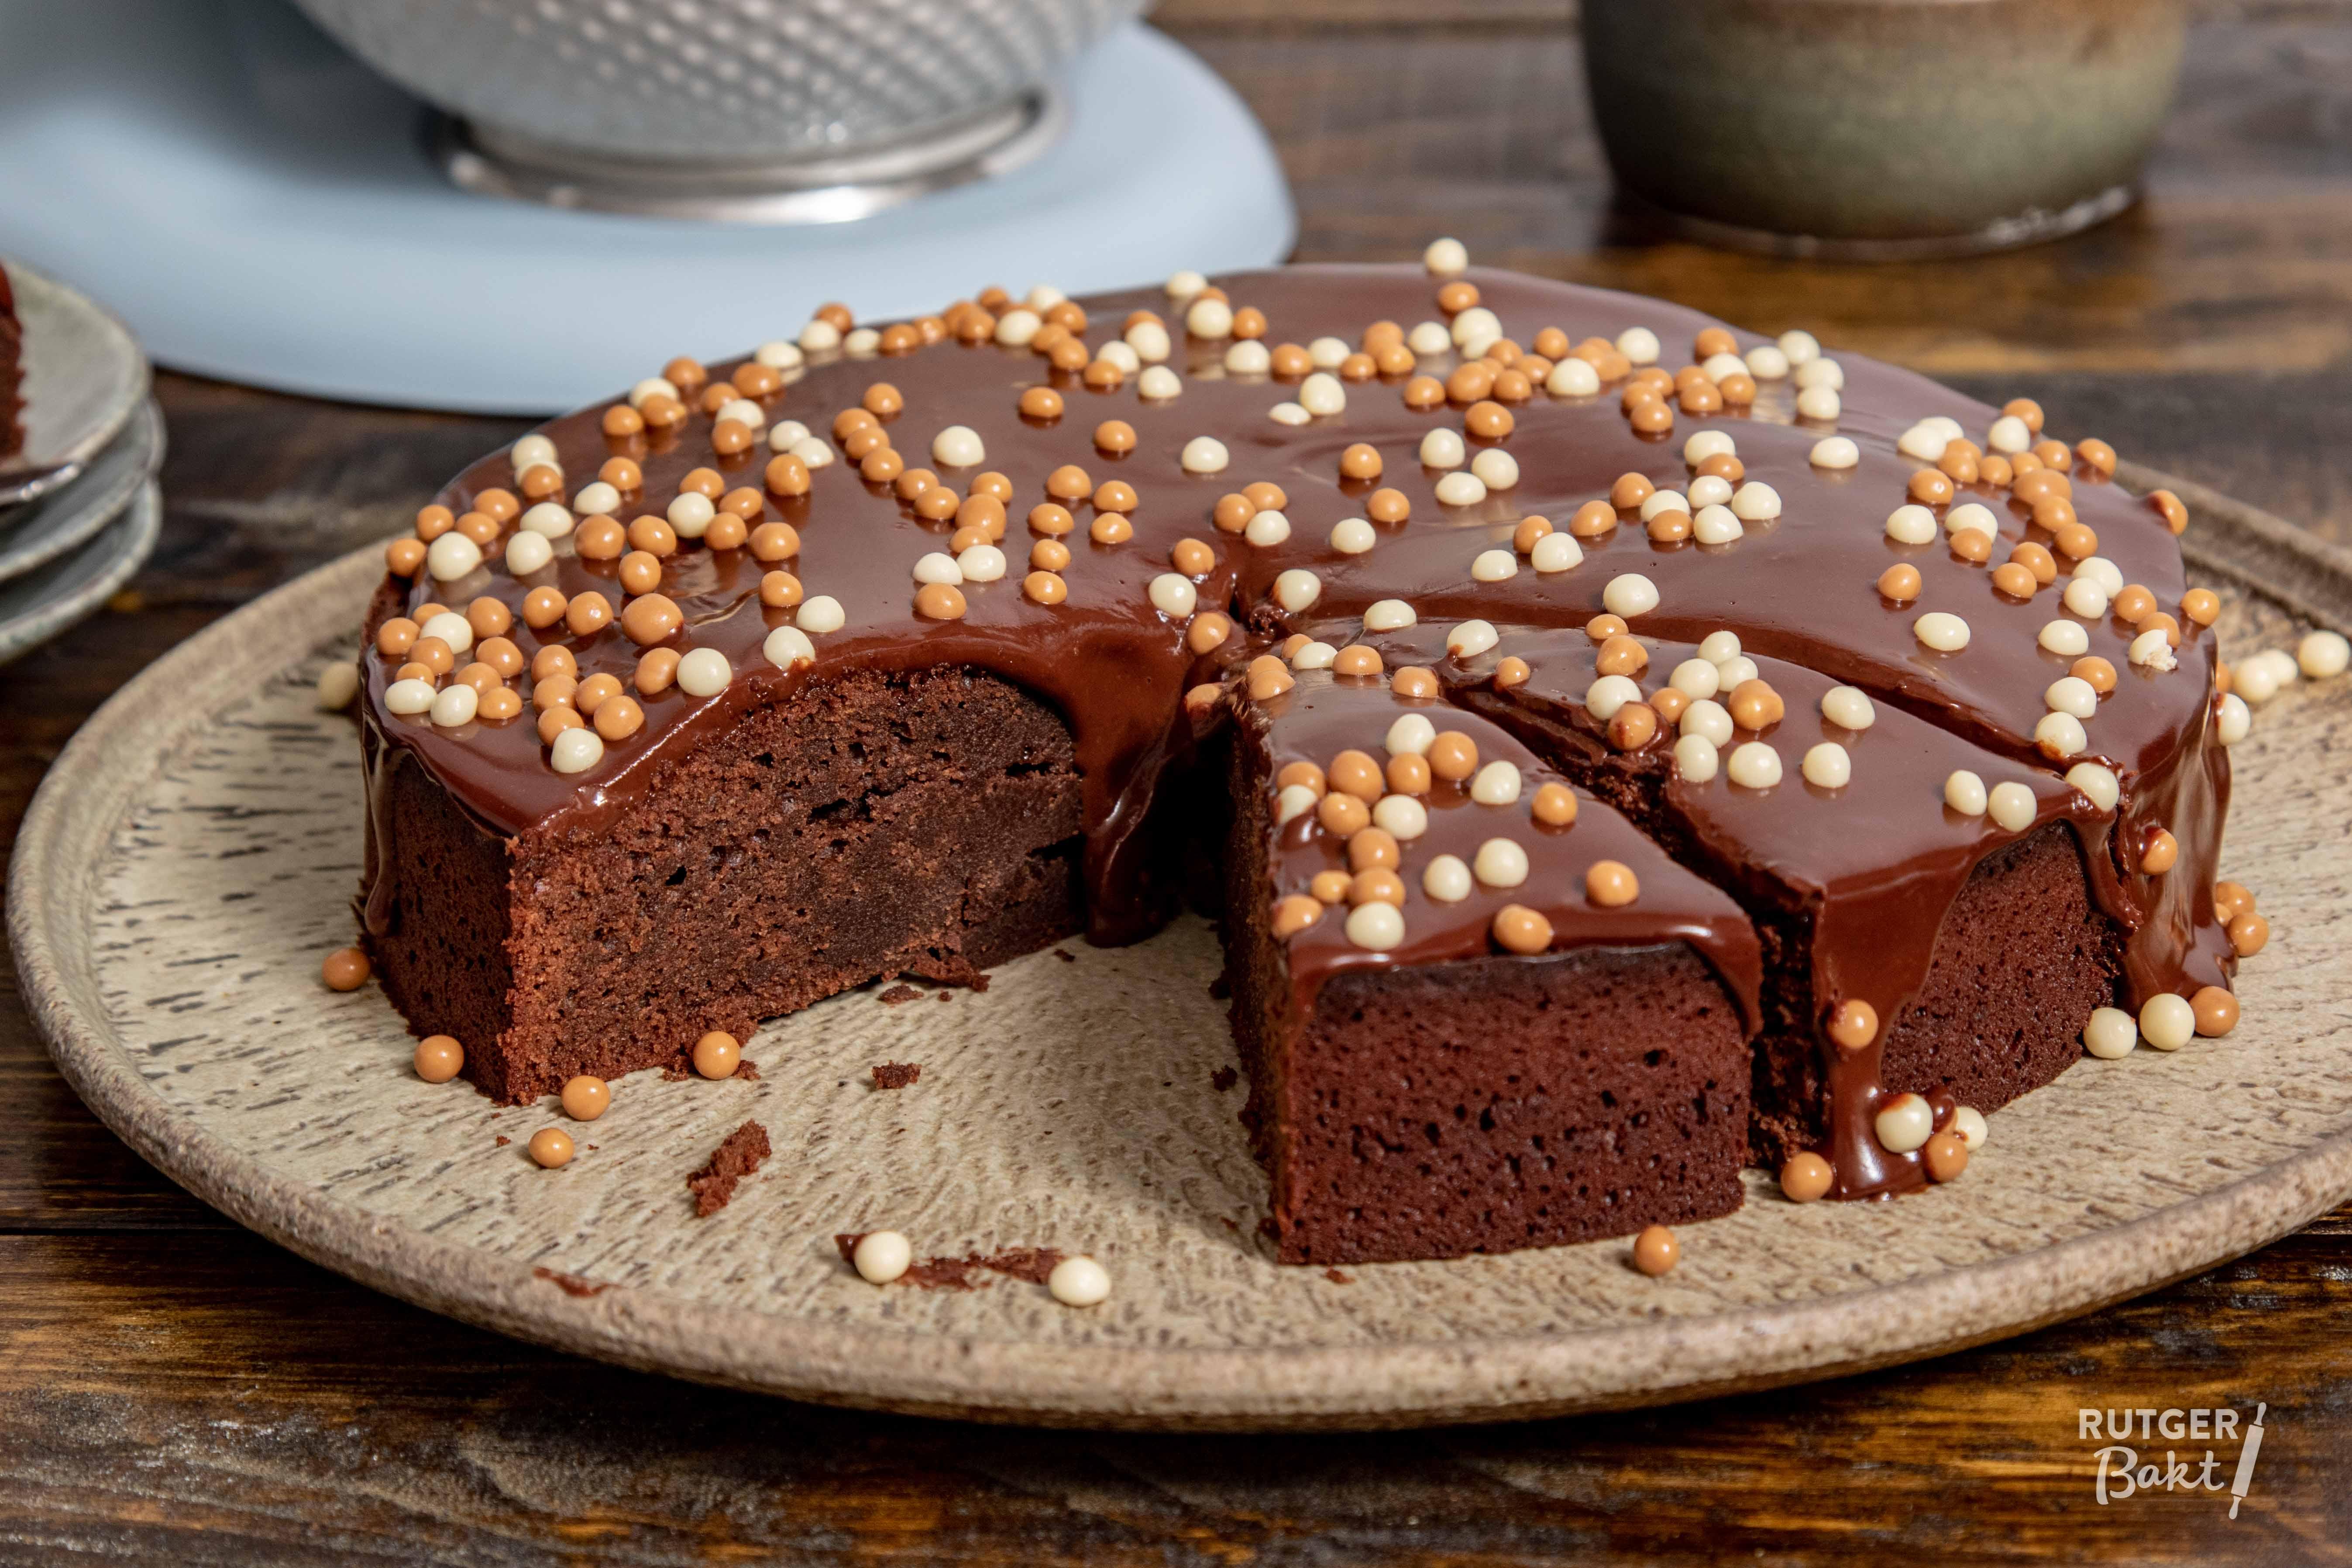 Mijn eerste chocoladetaart